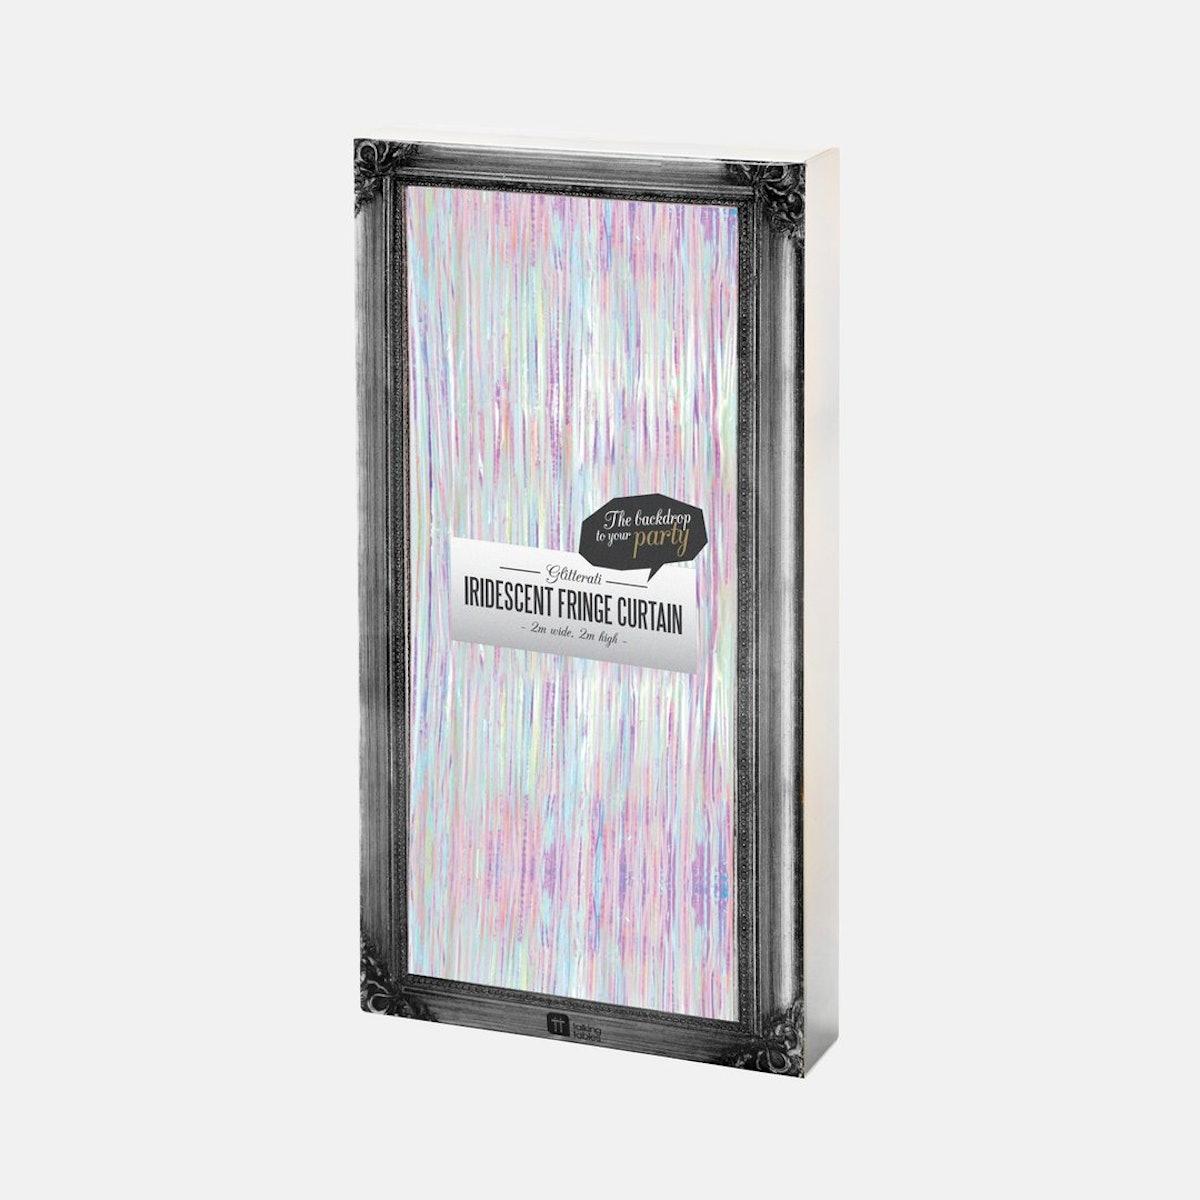 Iridescent Fringe Curtain